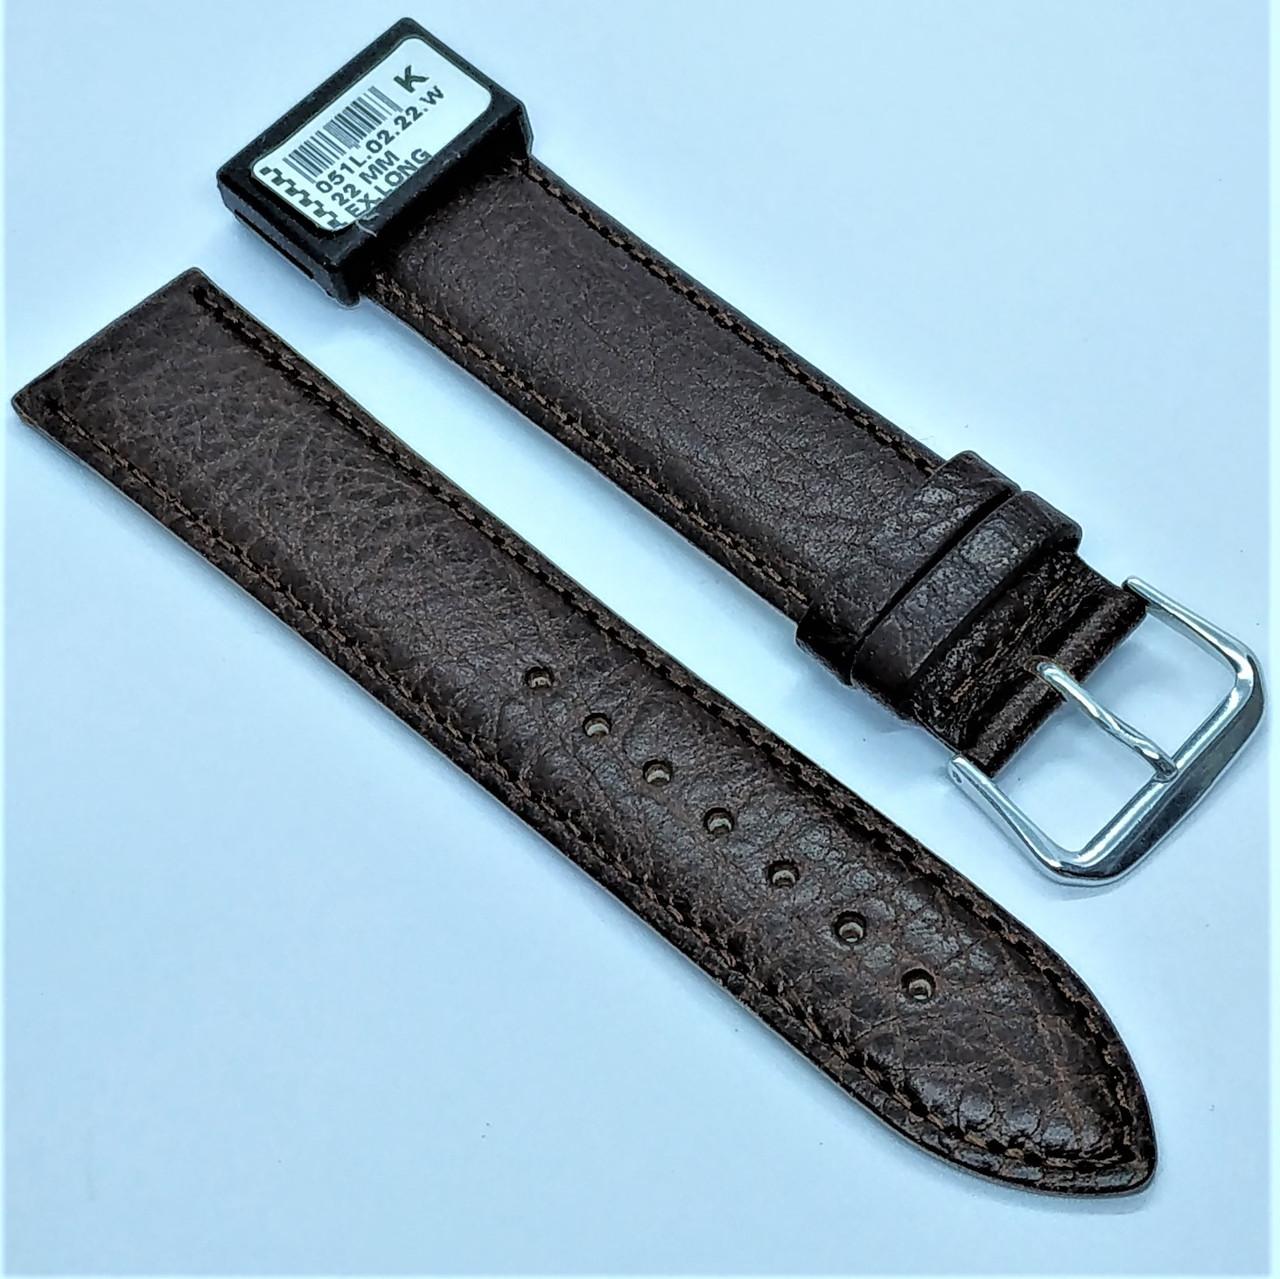 22 мм Кожаный Ремешок для часов CONDOR 051L.22.02 Коричневый Ремешок на часы из Натуральной кожи удлиненный